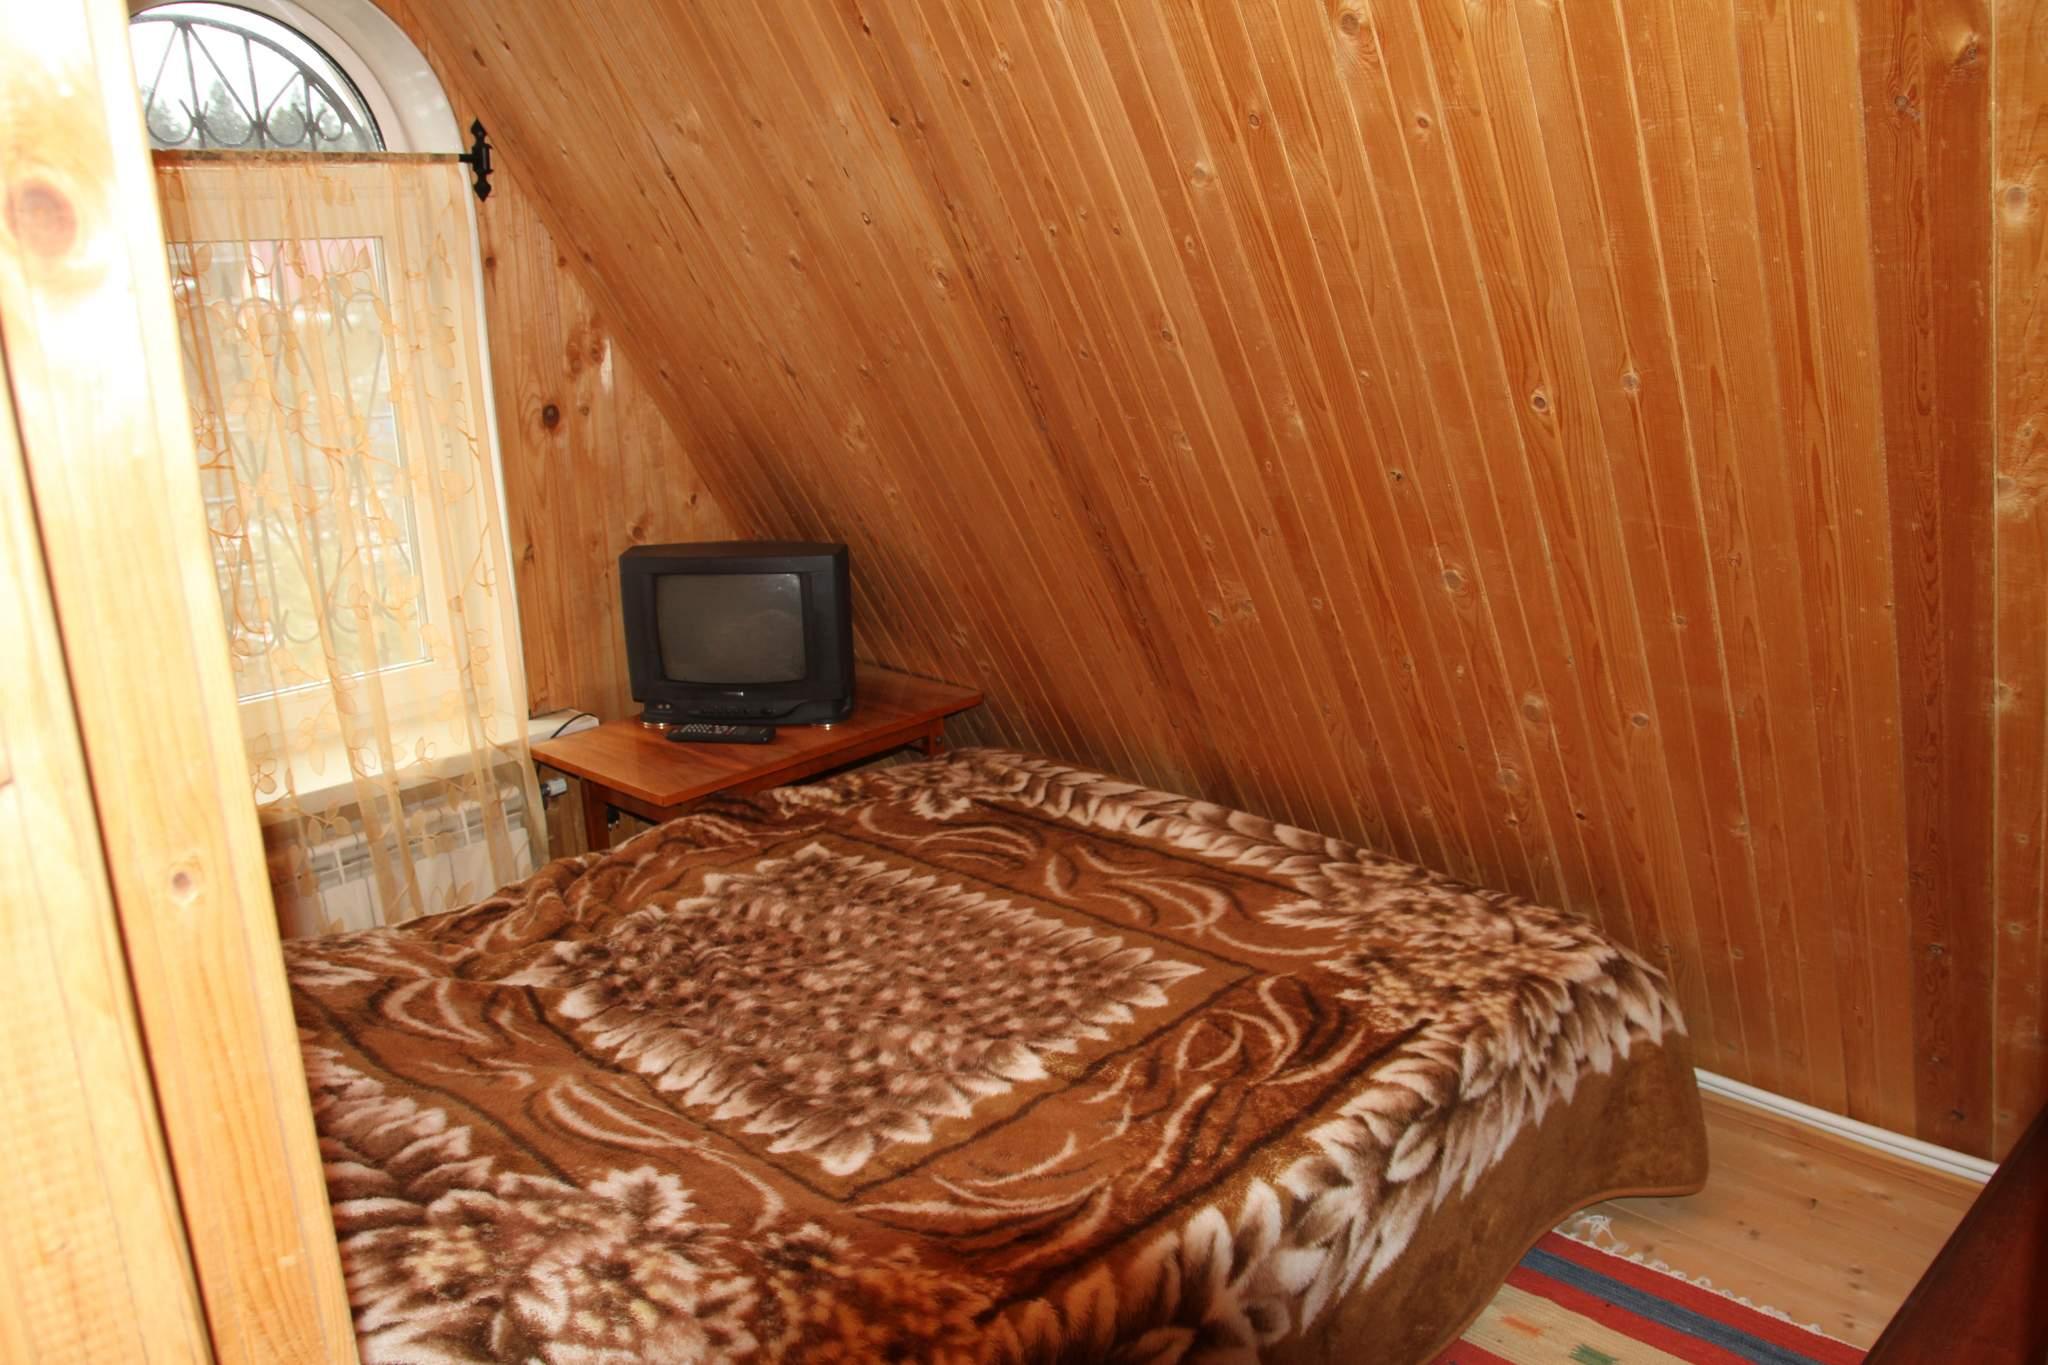 Дом на продажу по адресу Россия, Калужская обл, Жуковский р-н, деревня Алопово, Старое Алопово улица